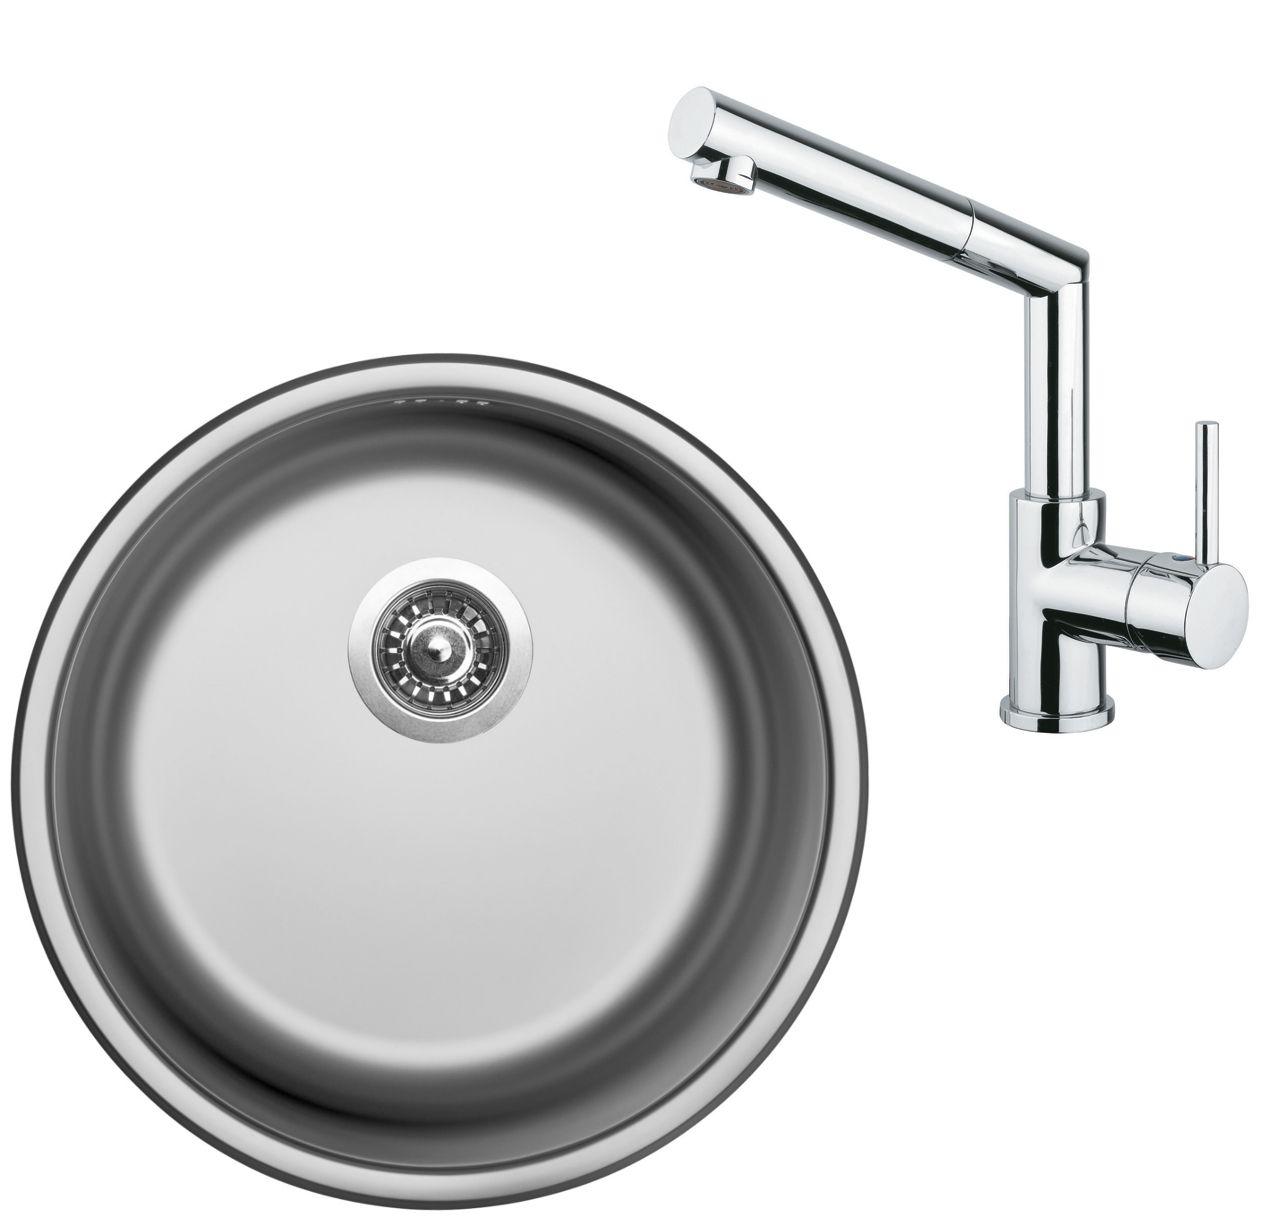 Set Sinks (dřez Round 450 V + baterie Mix 350 P)